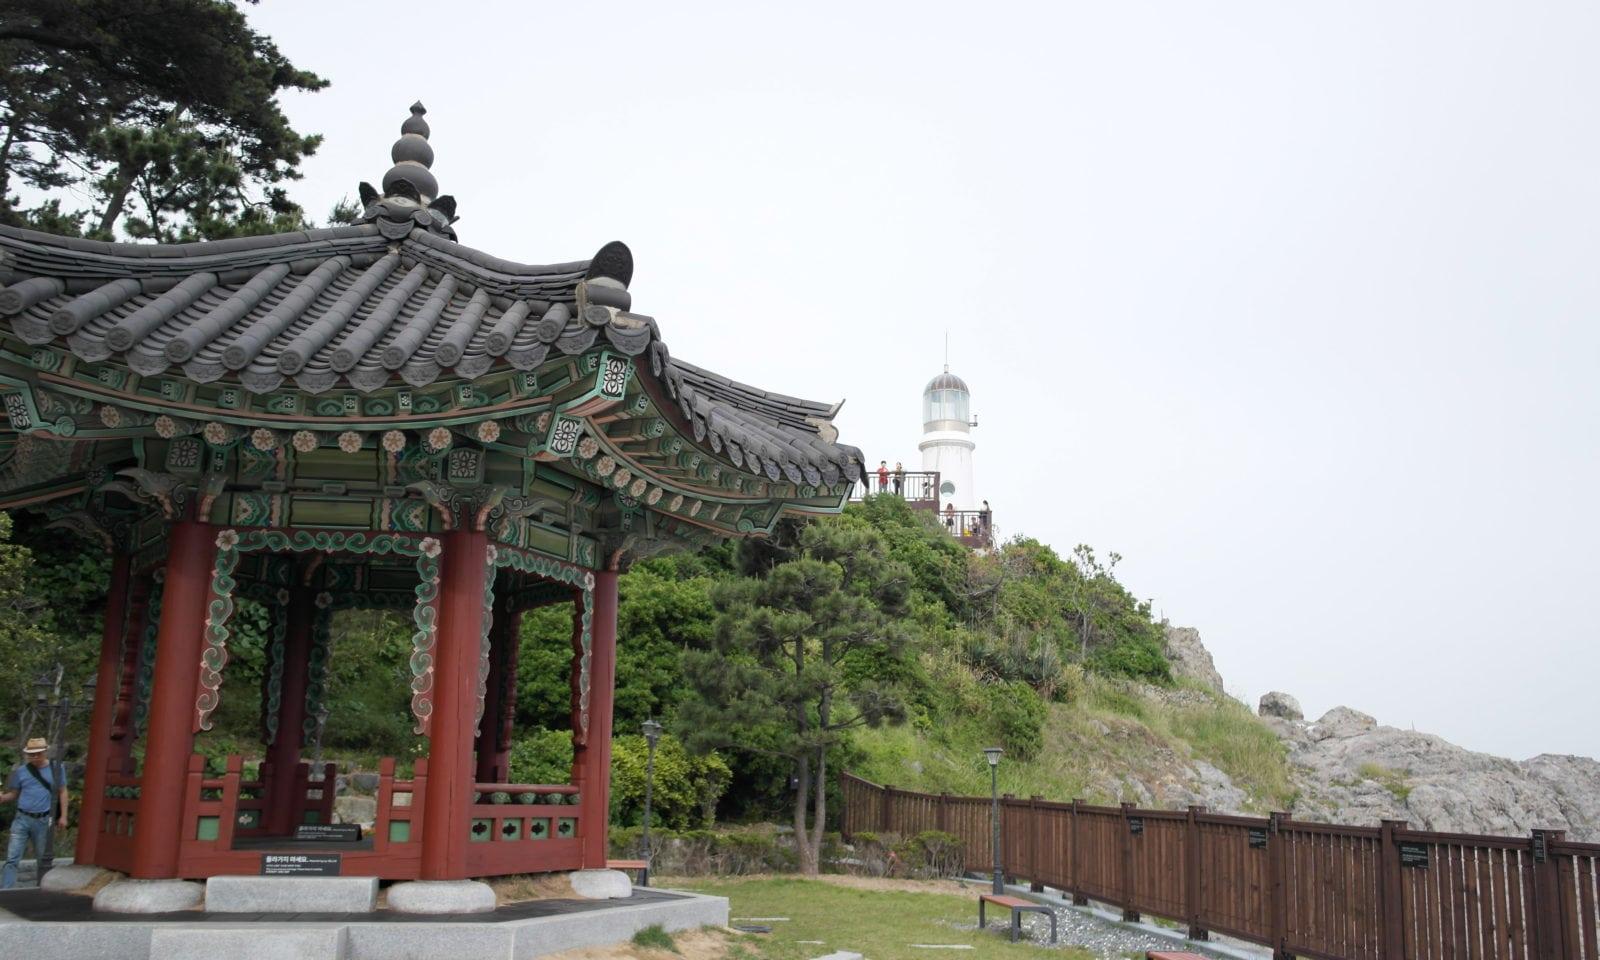 Haeundae Dongbaekseom Island   Haeundae-gu, Busan